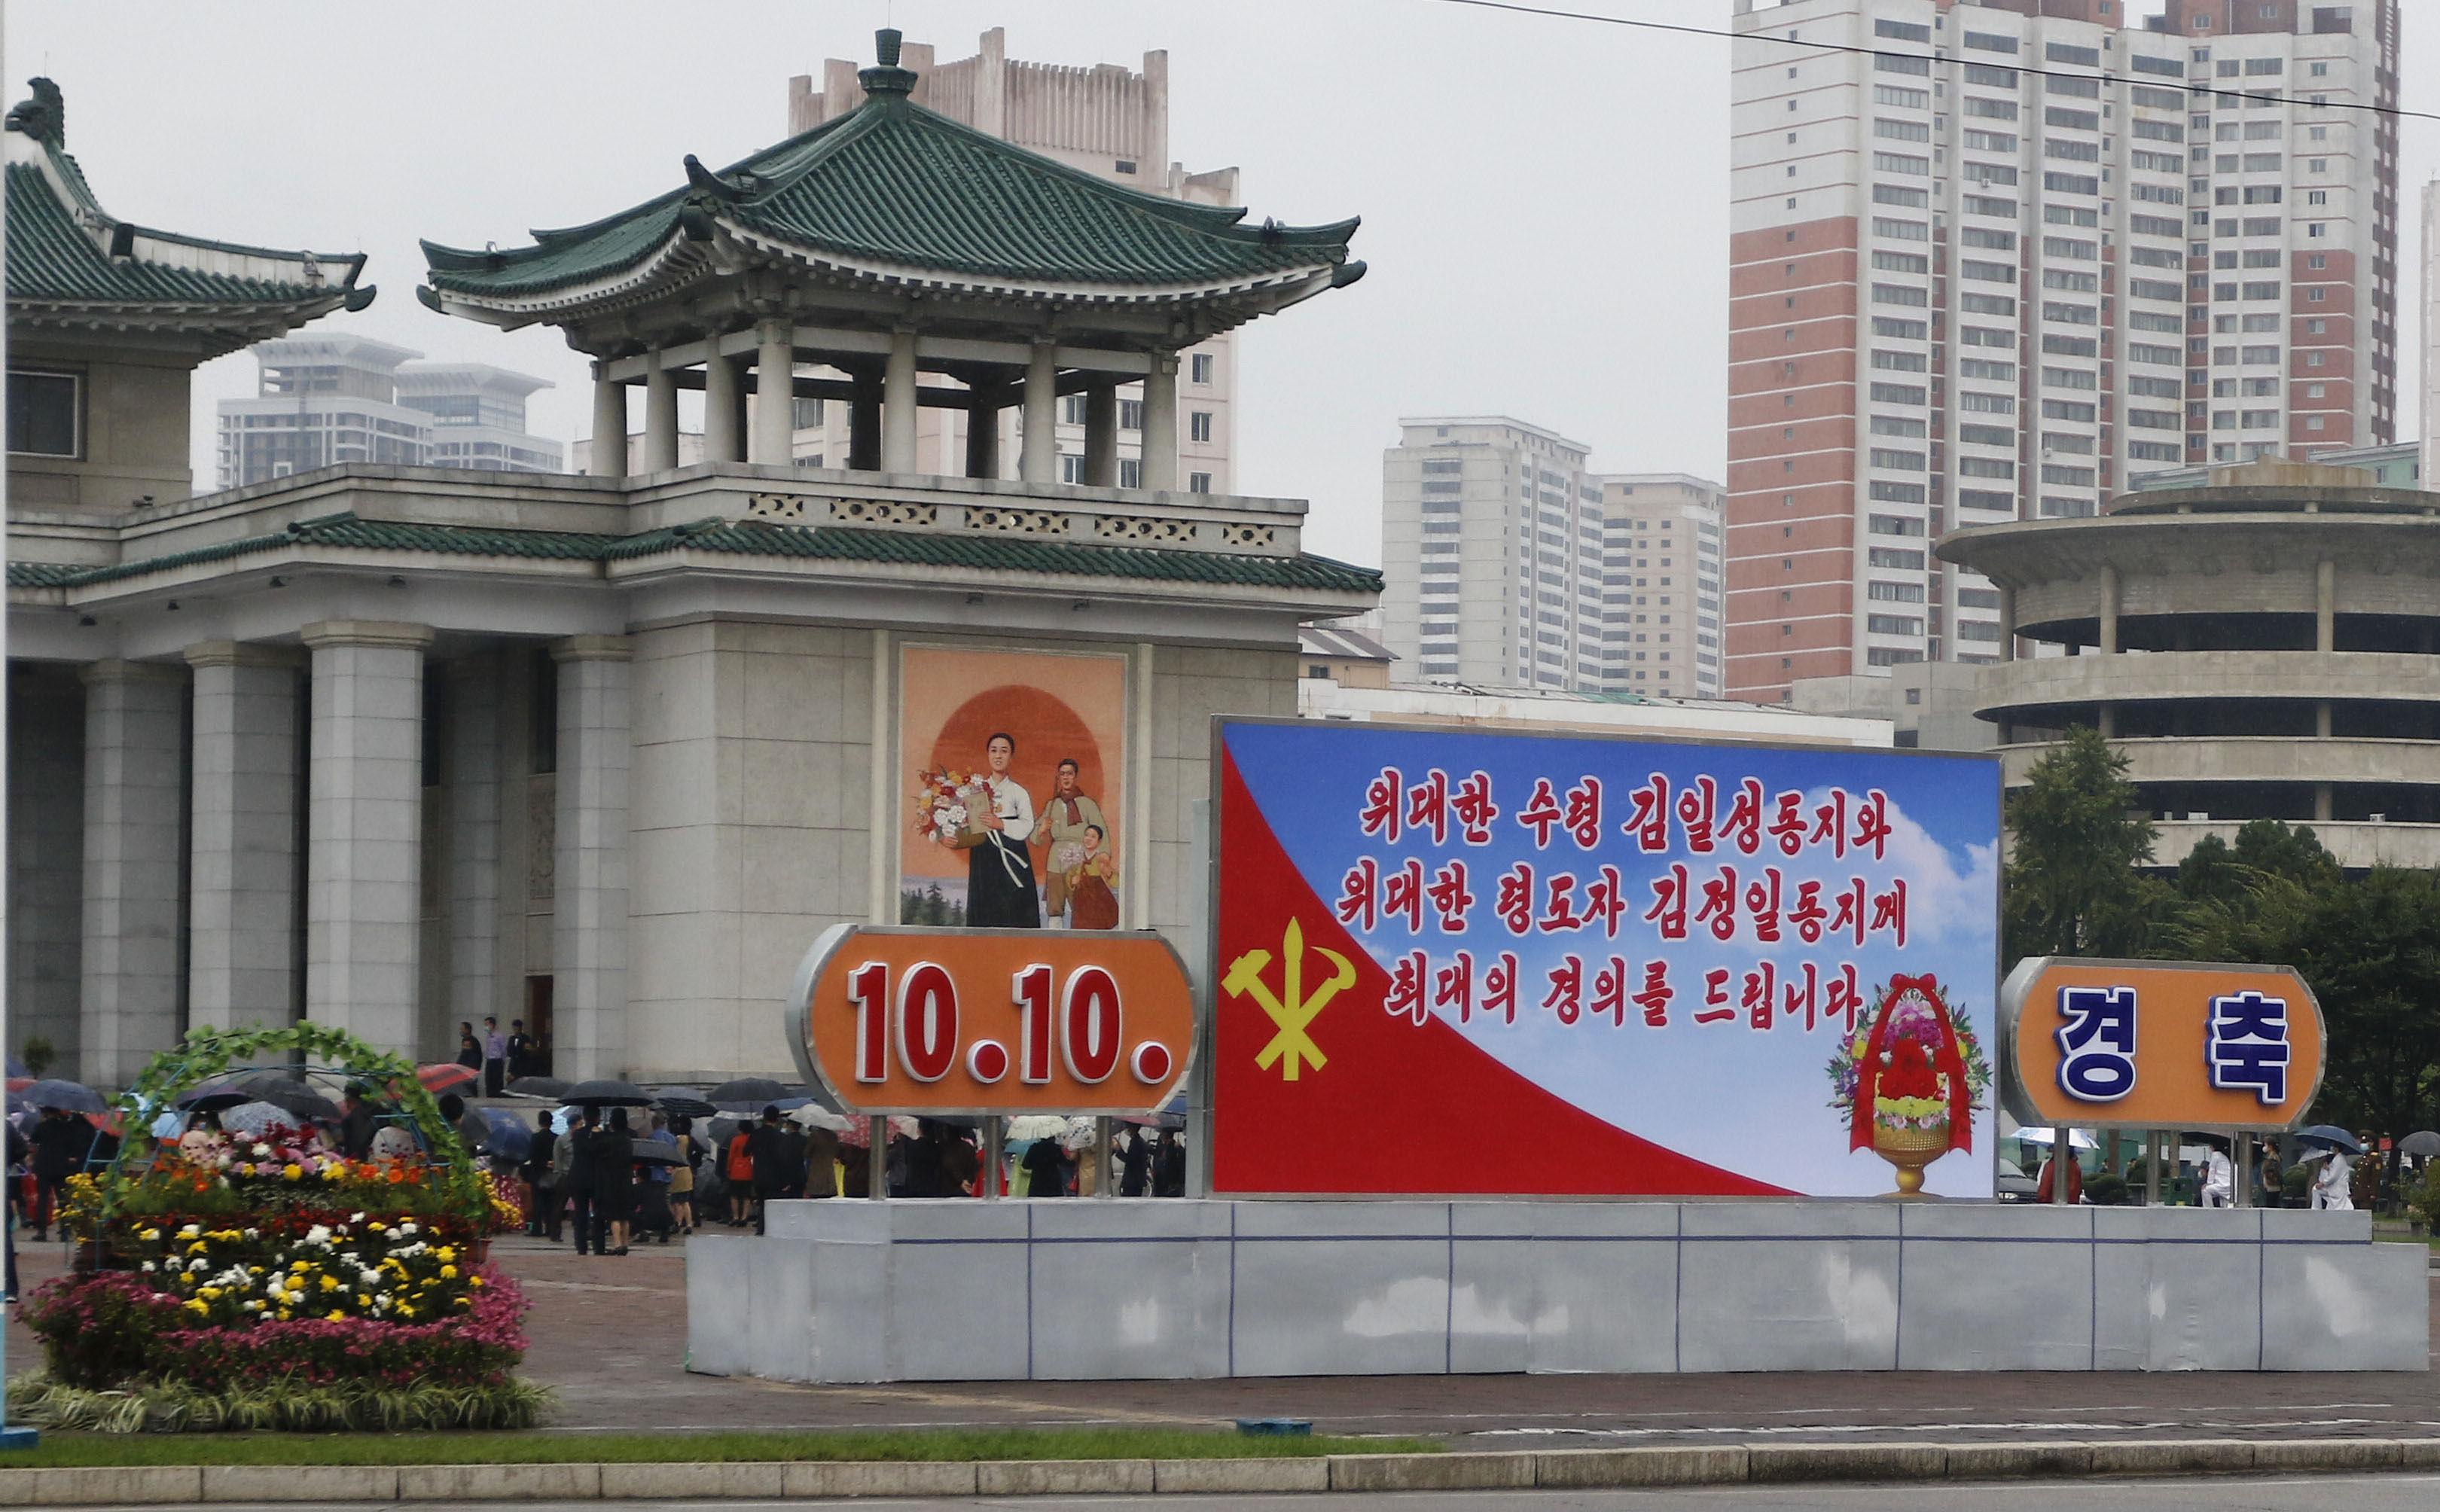 ▲▼北韓宣傳媒體評論《魷魚遊戲》。圖為平壤市民為慶祝雙十黨慶,前往平壤大劇場排隊進場觀賞表演。(圖/達志影像/美聯社)